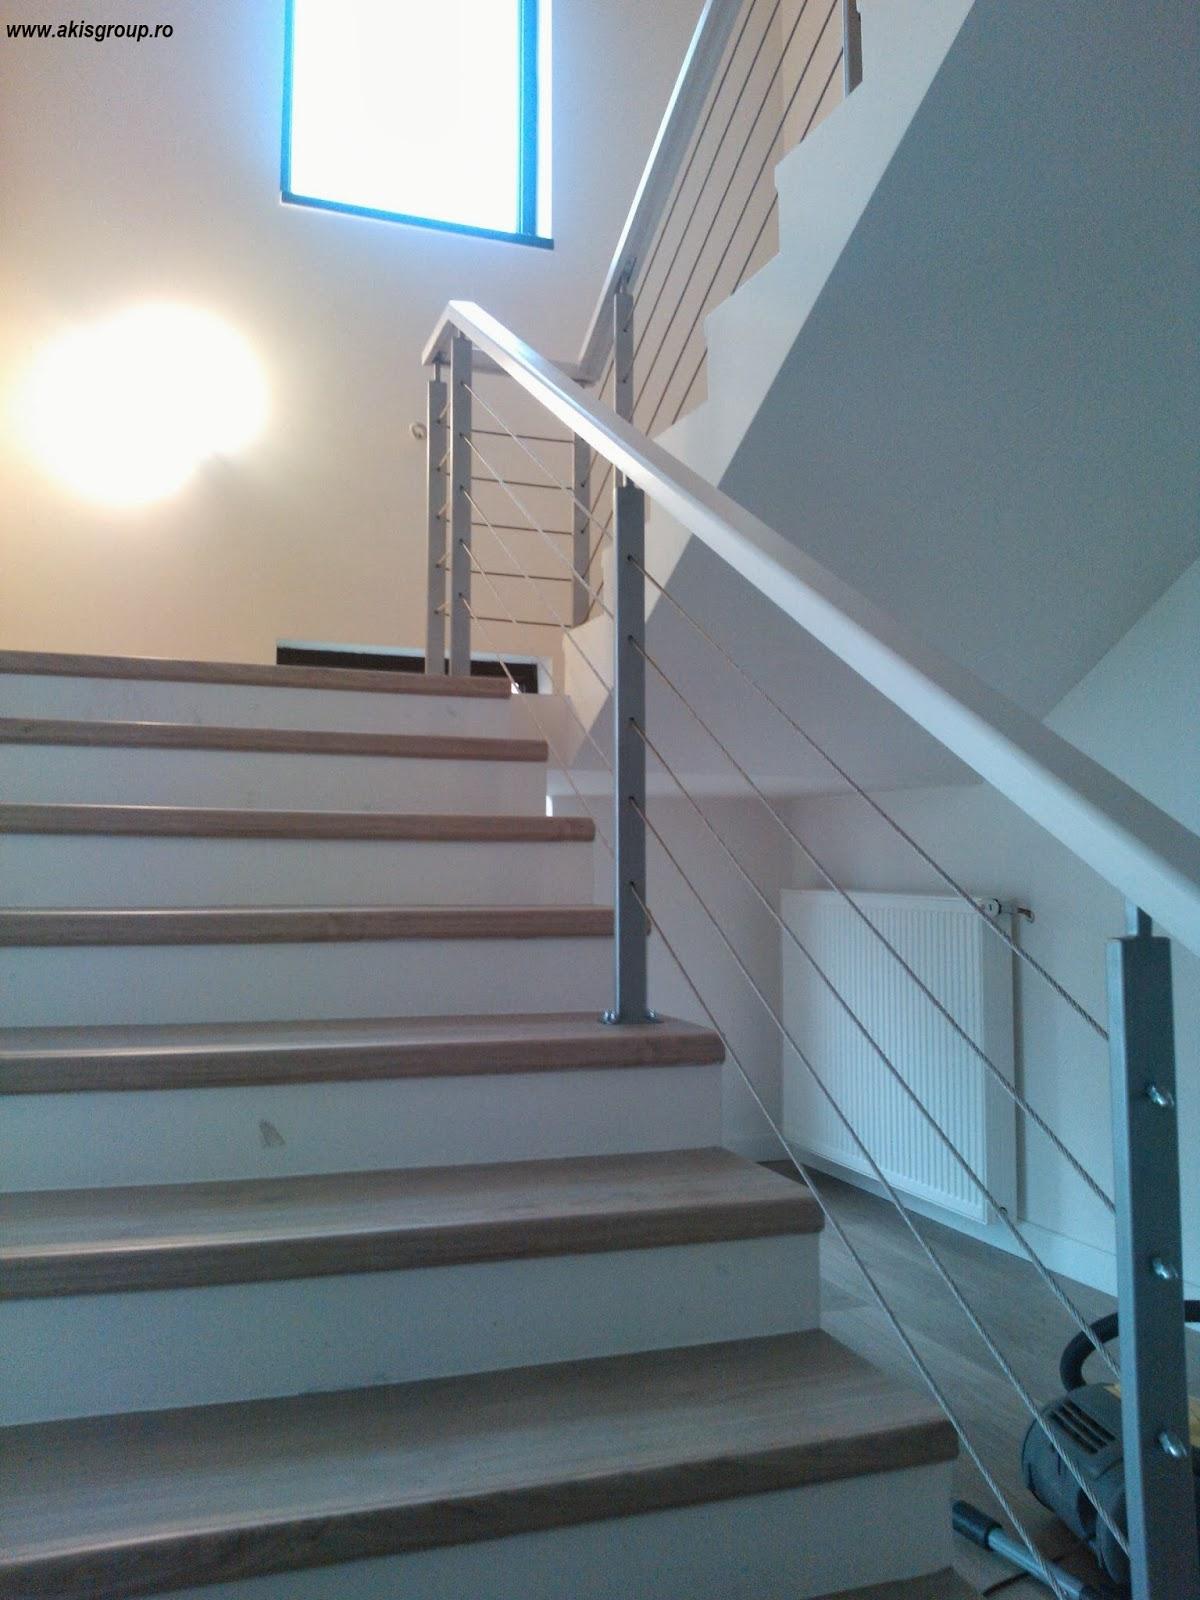 Geländer aus Schmiedeeisen: Innen Geländer - Geländer außen